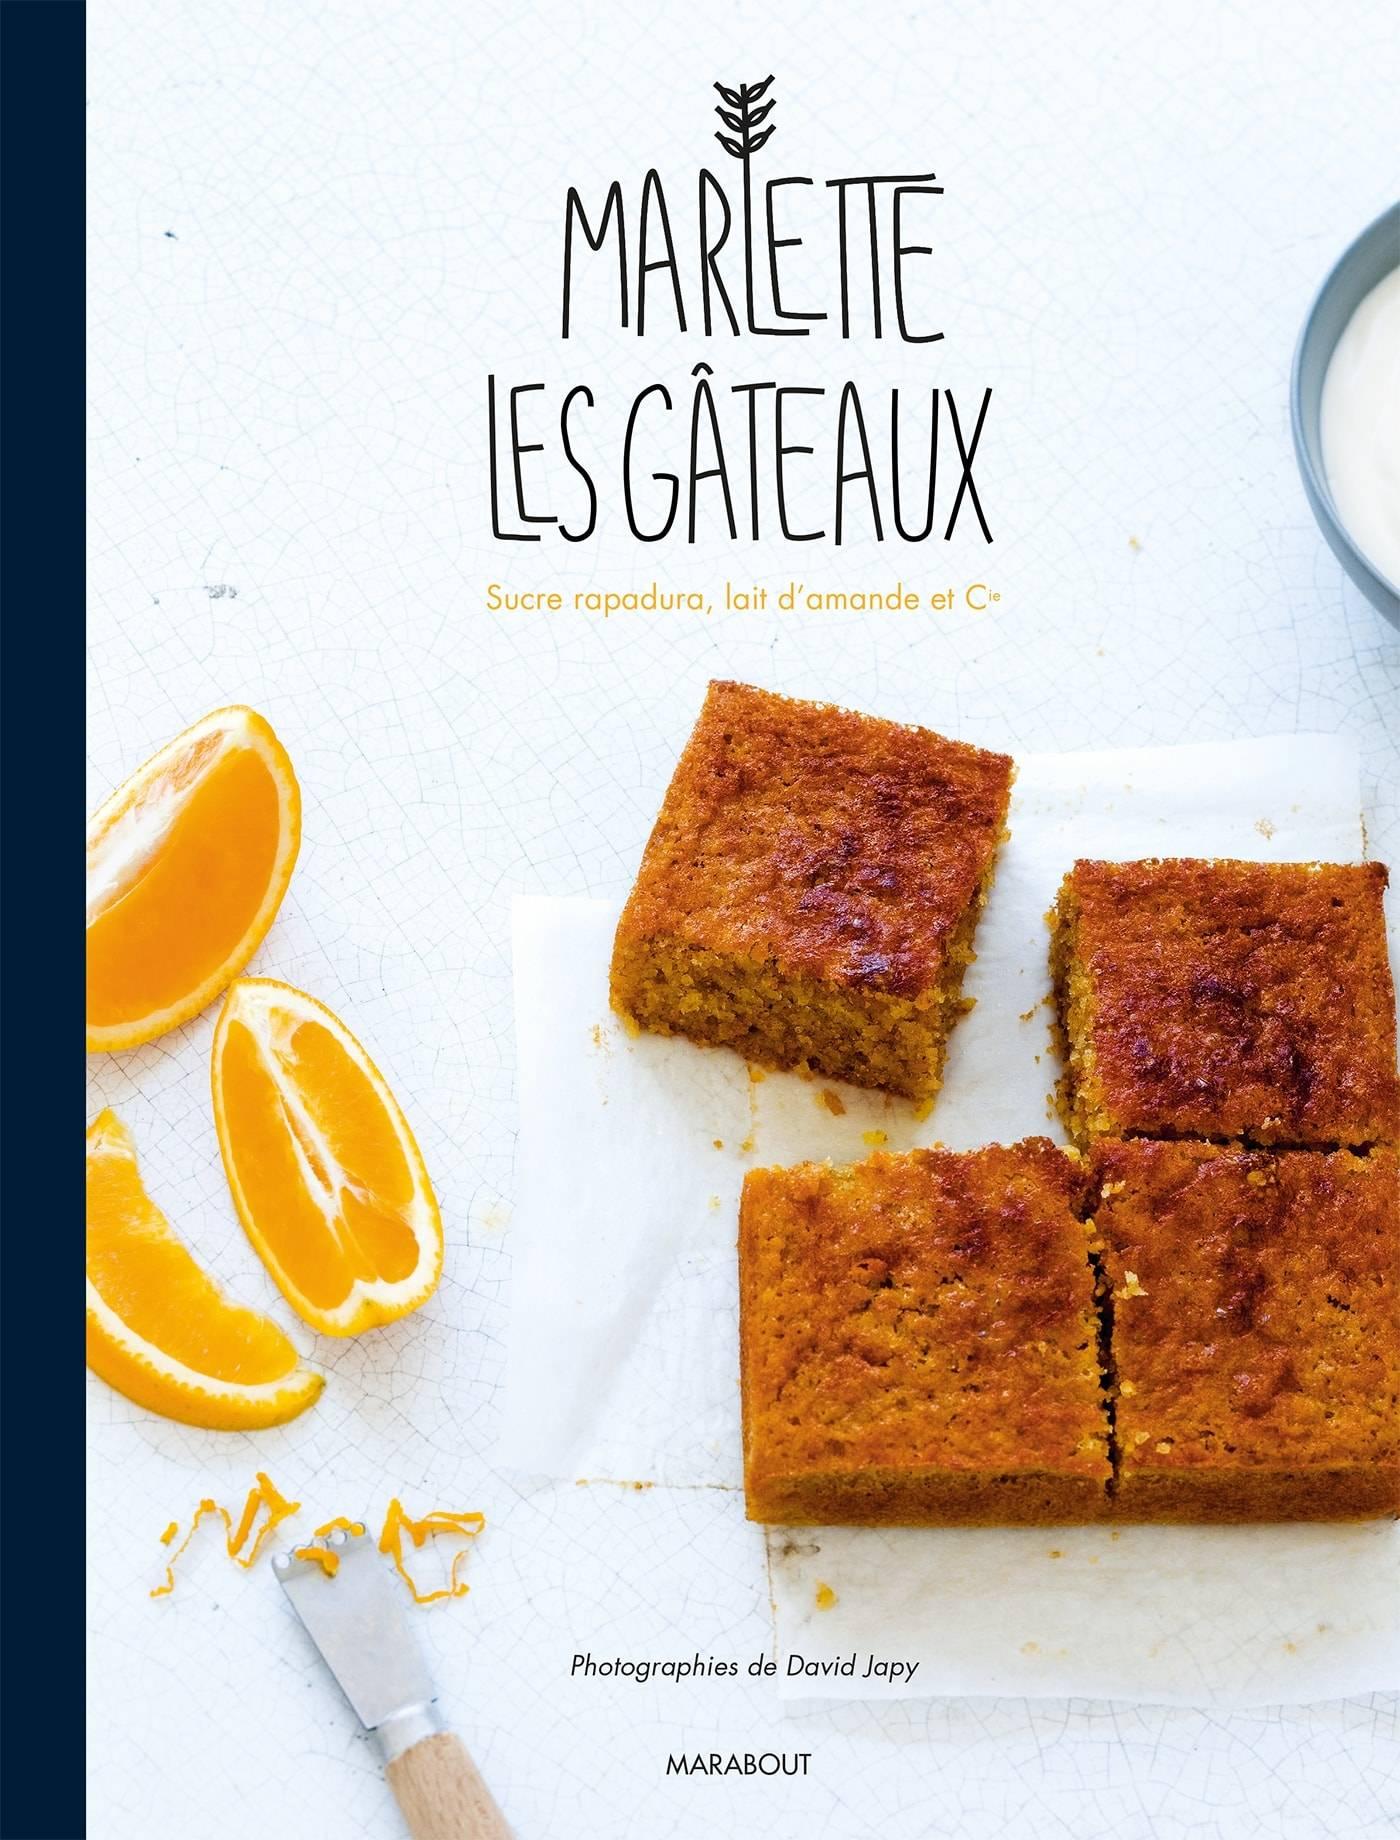 Marlette les gâteaux_marabout